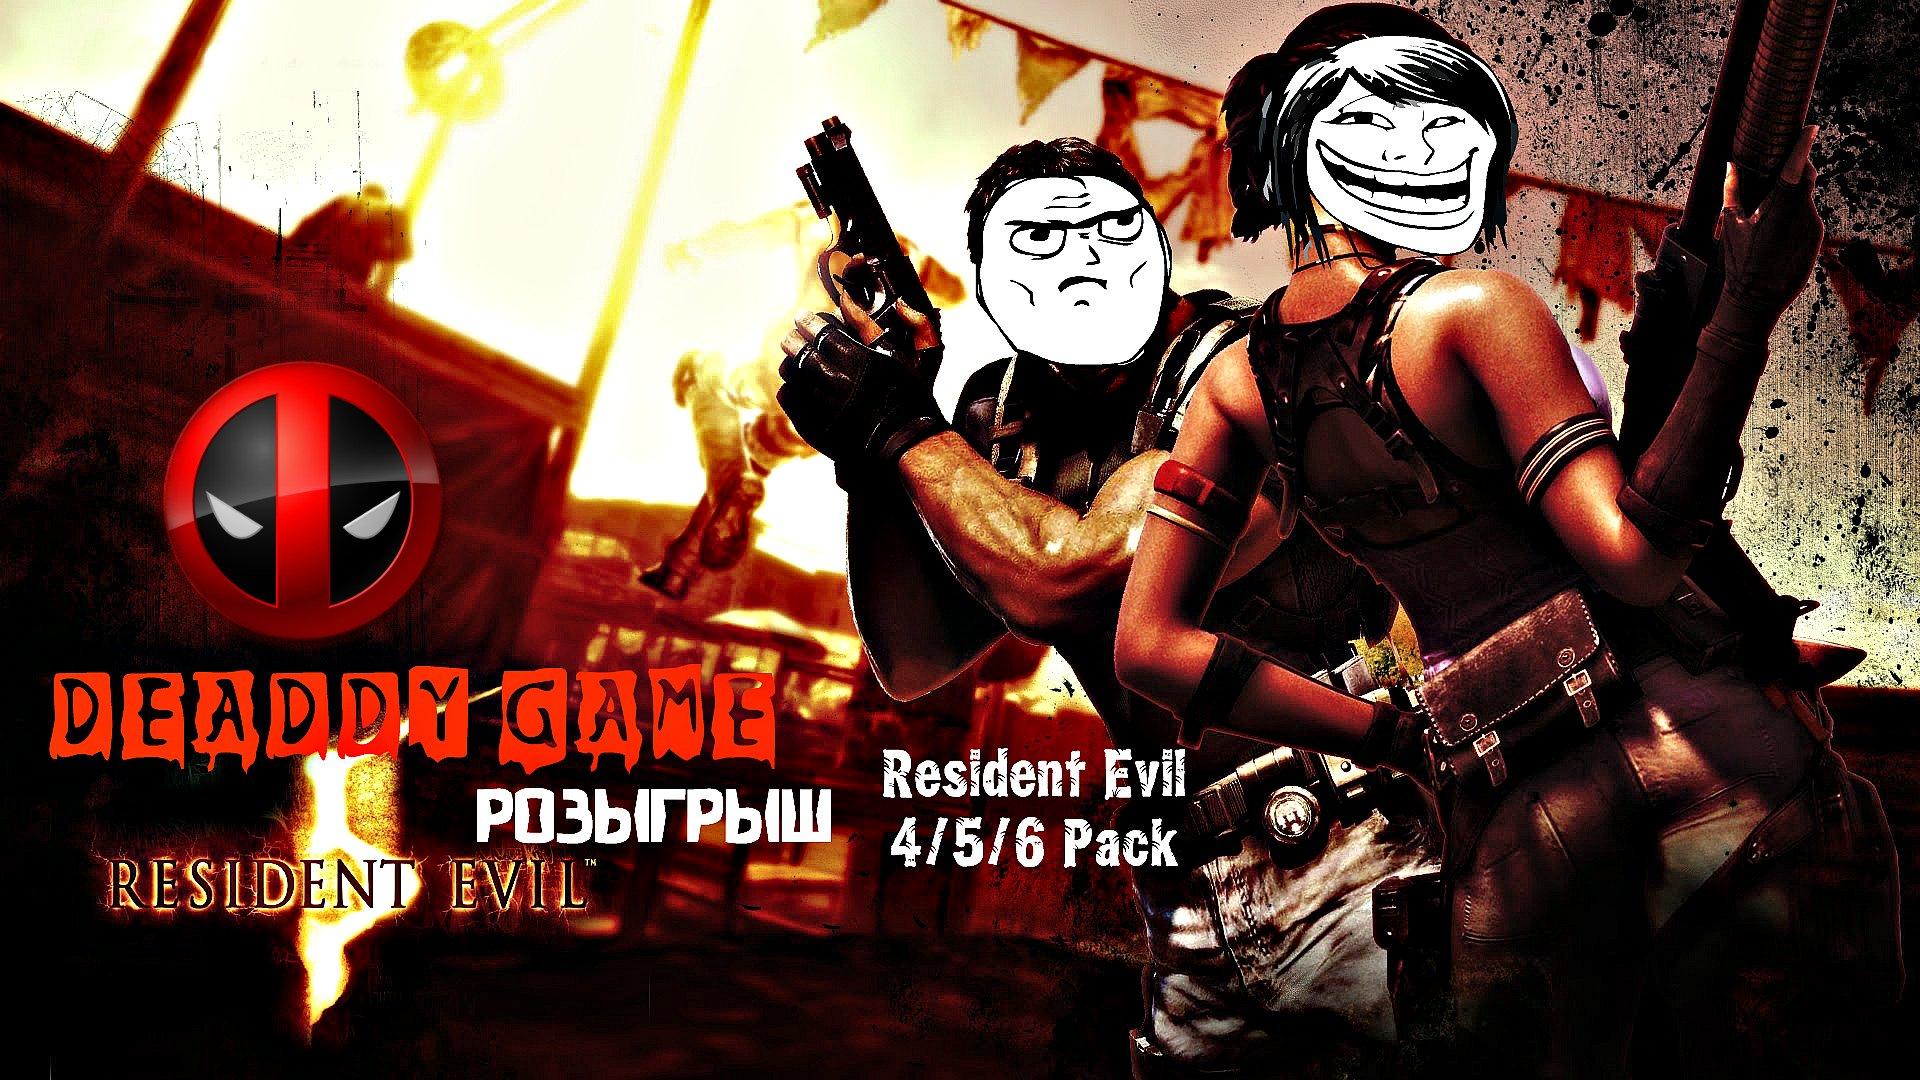 DEADDY GAME - Resident Evil 5 \ Розыгрыш Resident Evil 4/5/6  - Изображение 1